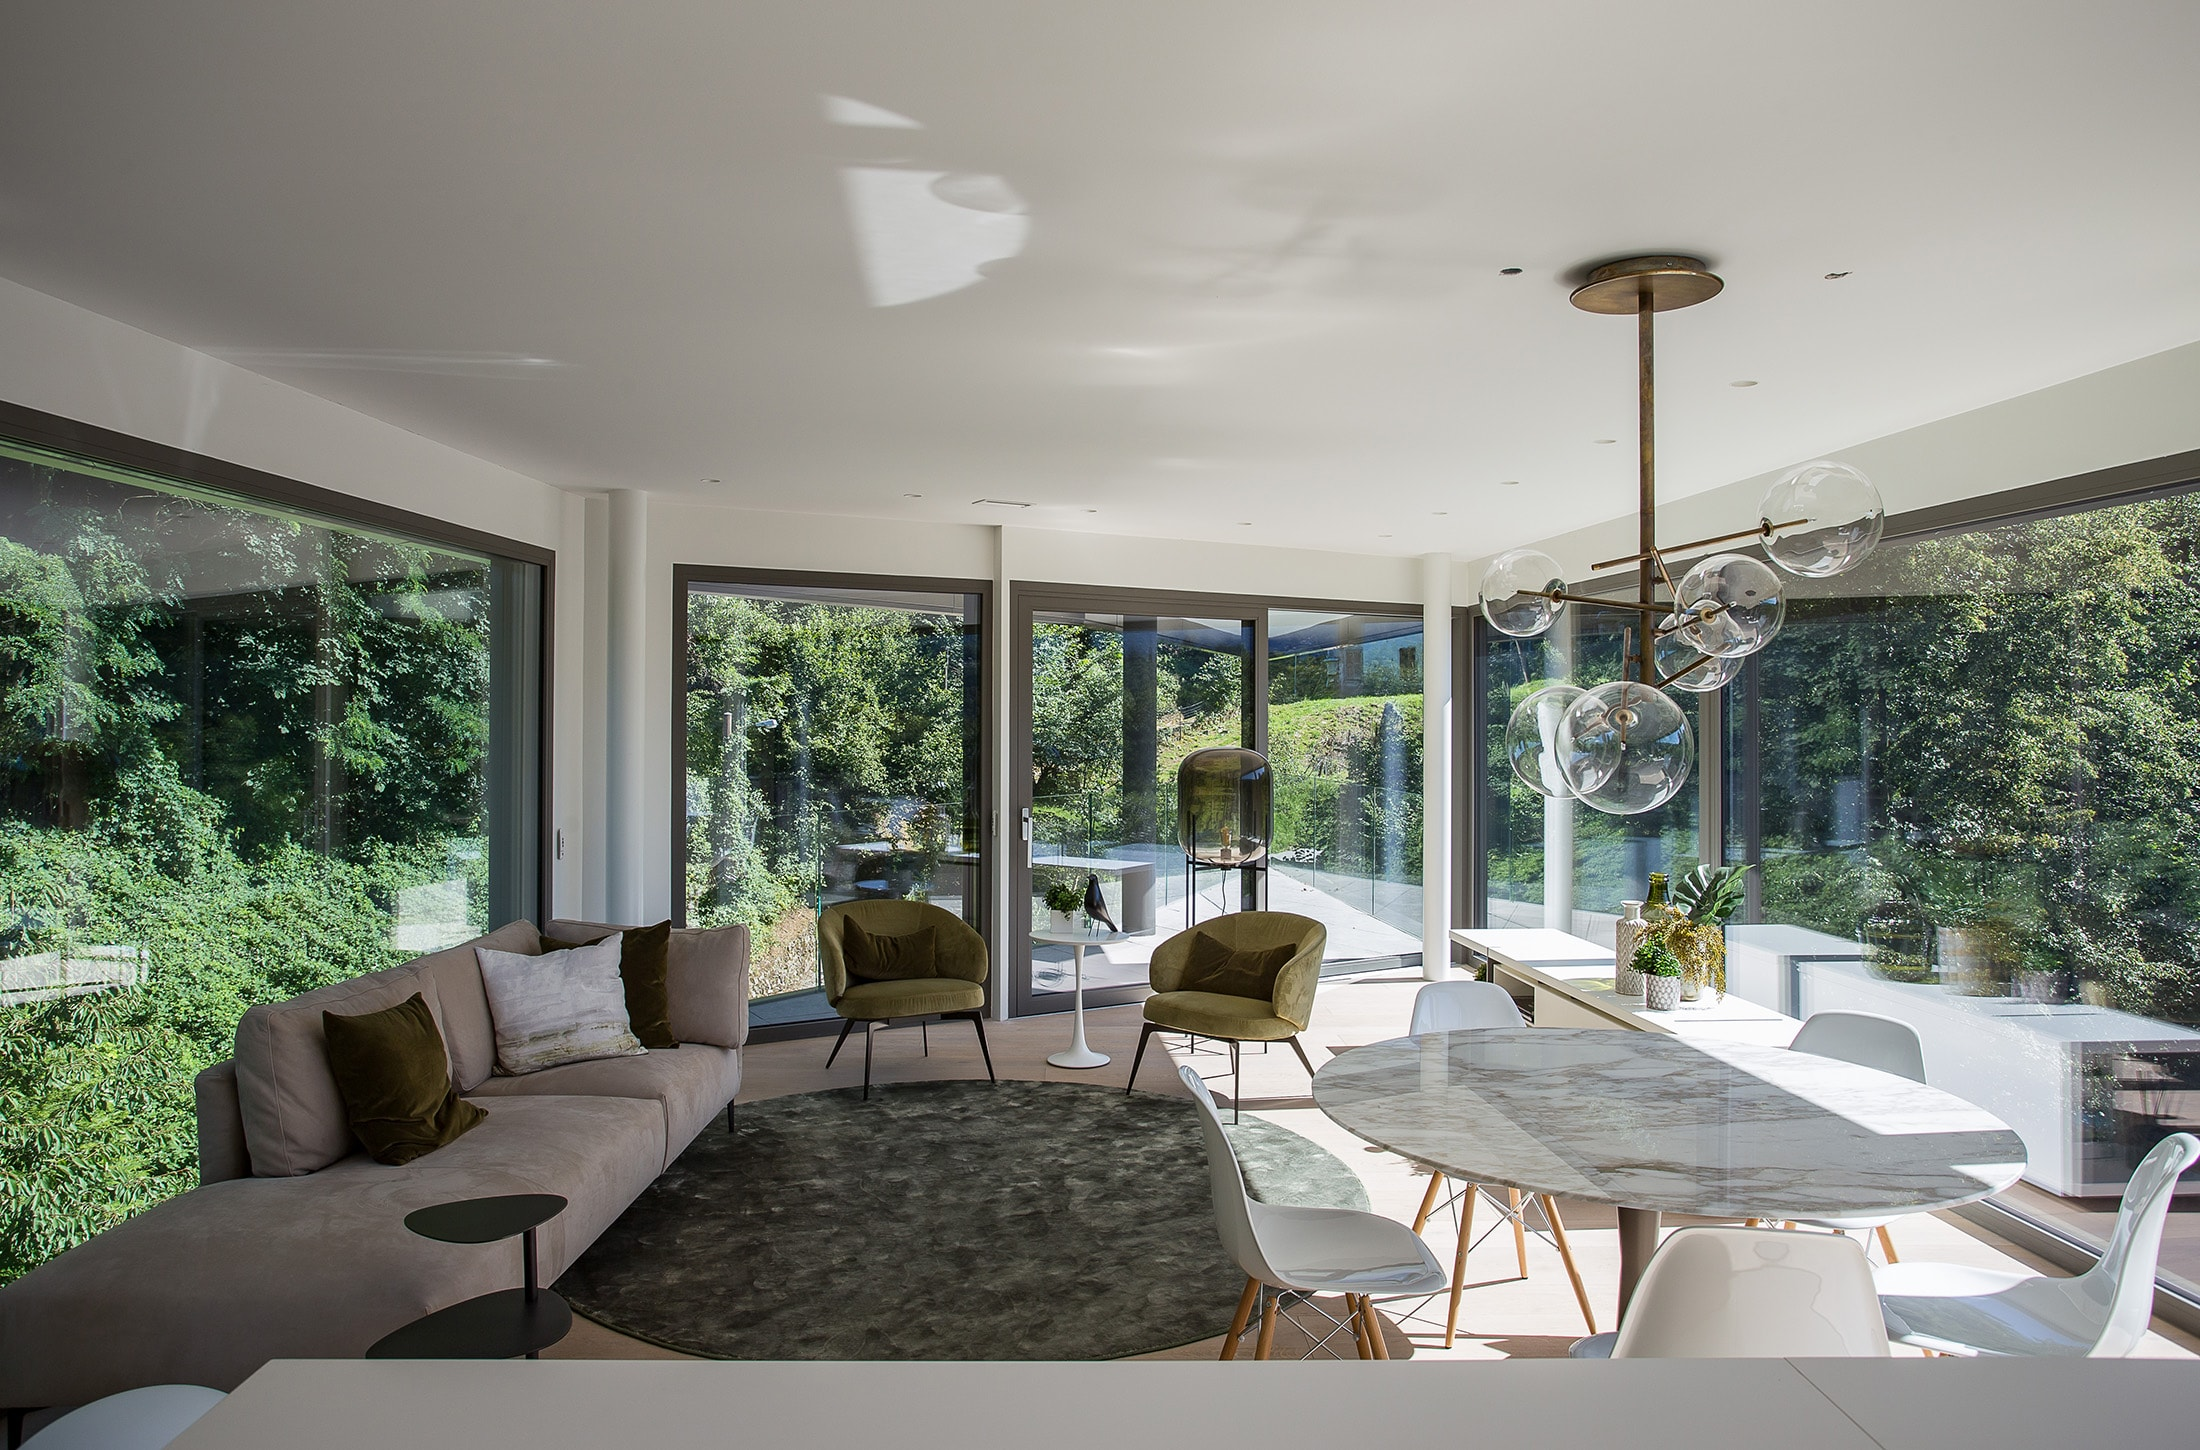 Dimora innovativa e di design Lugano Ticino Svizzera livello 4 con vista parco